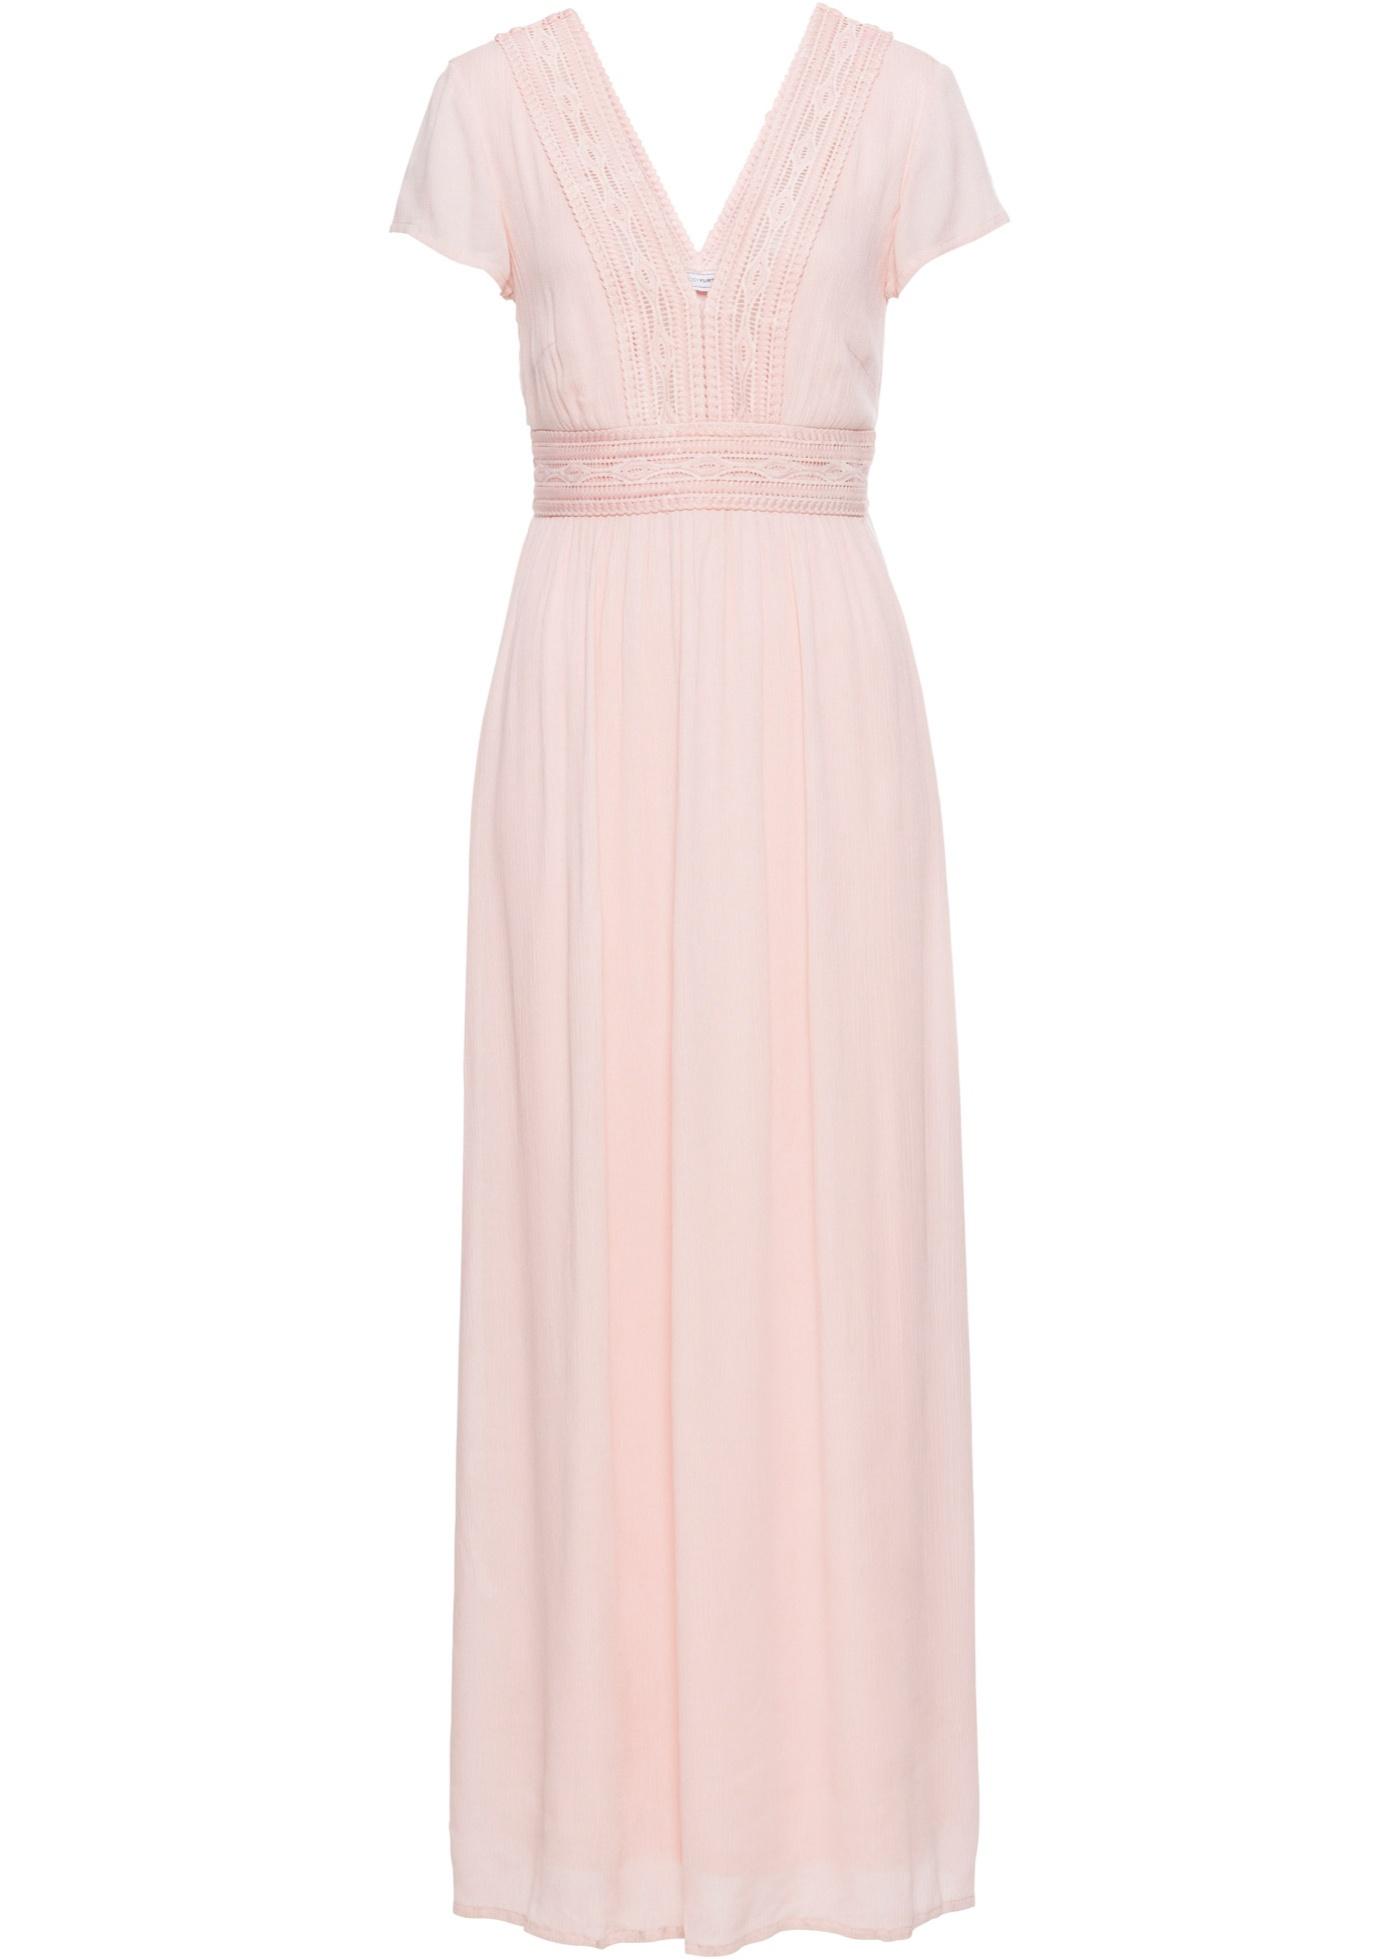 Levné Letní dlouhé šaty s krajkou | Růžová barva šatů